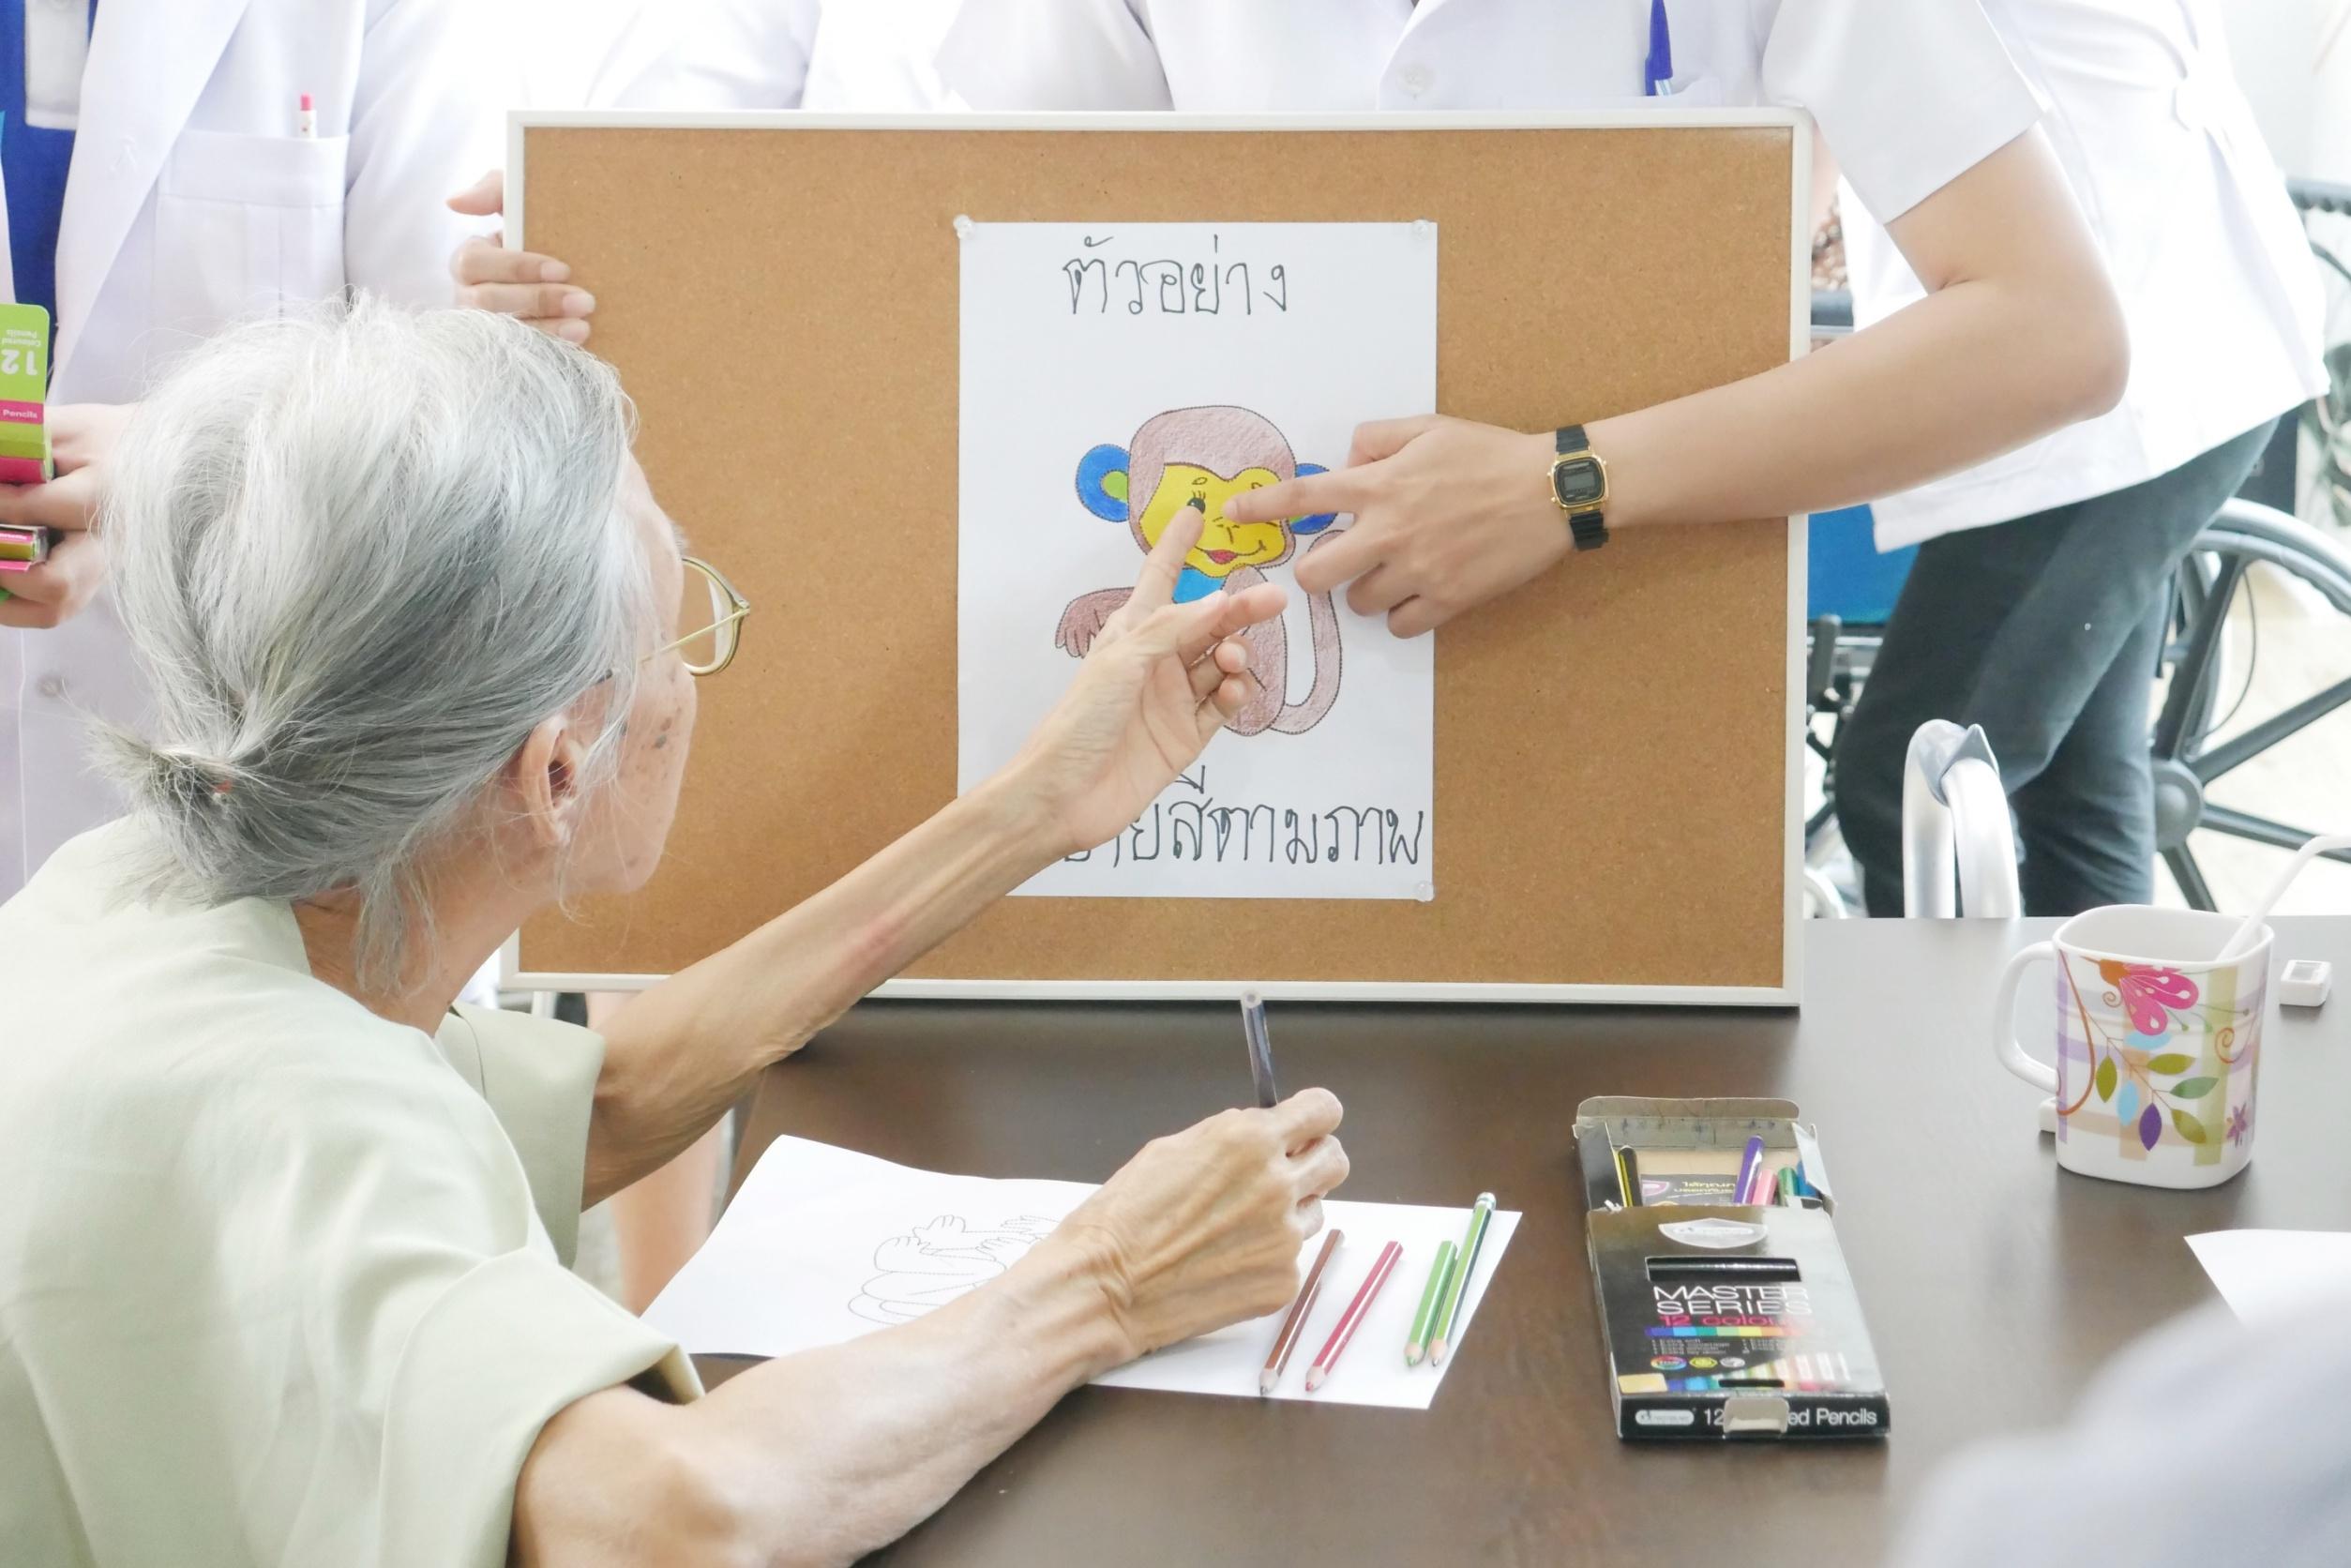 Daycare Service สำหรับผู้สูงอายุมาเช้าเย็นกลับที่ศูนย์ส่งเสริมและฟื้นฟูผู้สูงวัย The Senizens